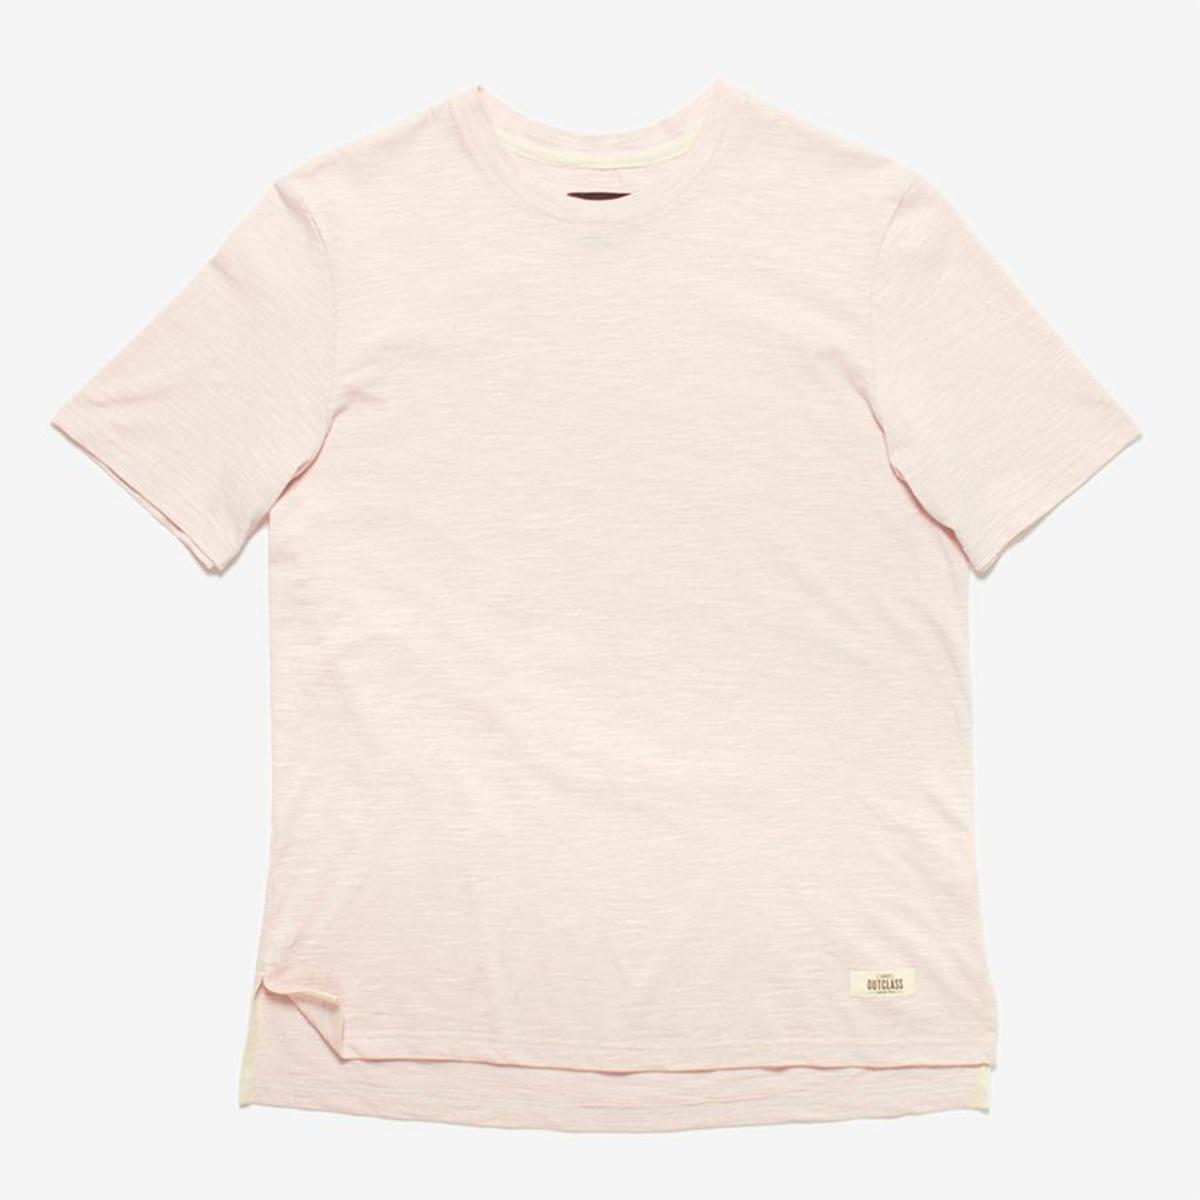 Outclass Attire Slub Knit T Shirt Rose